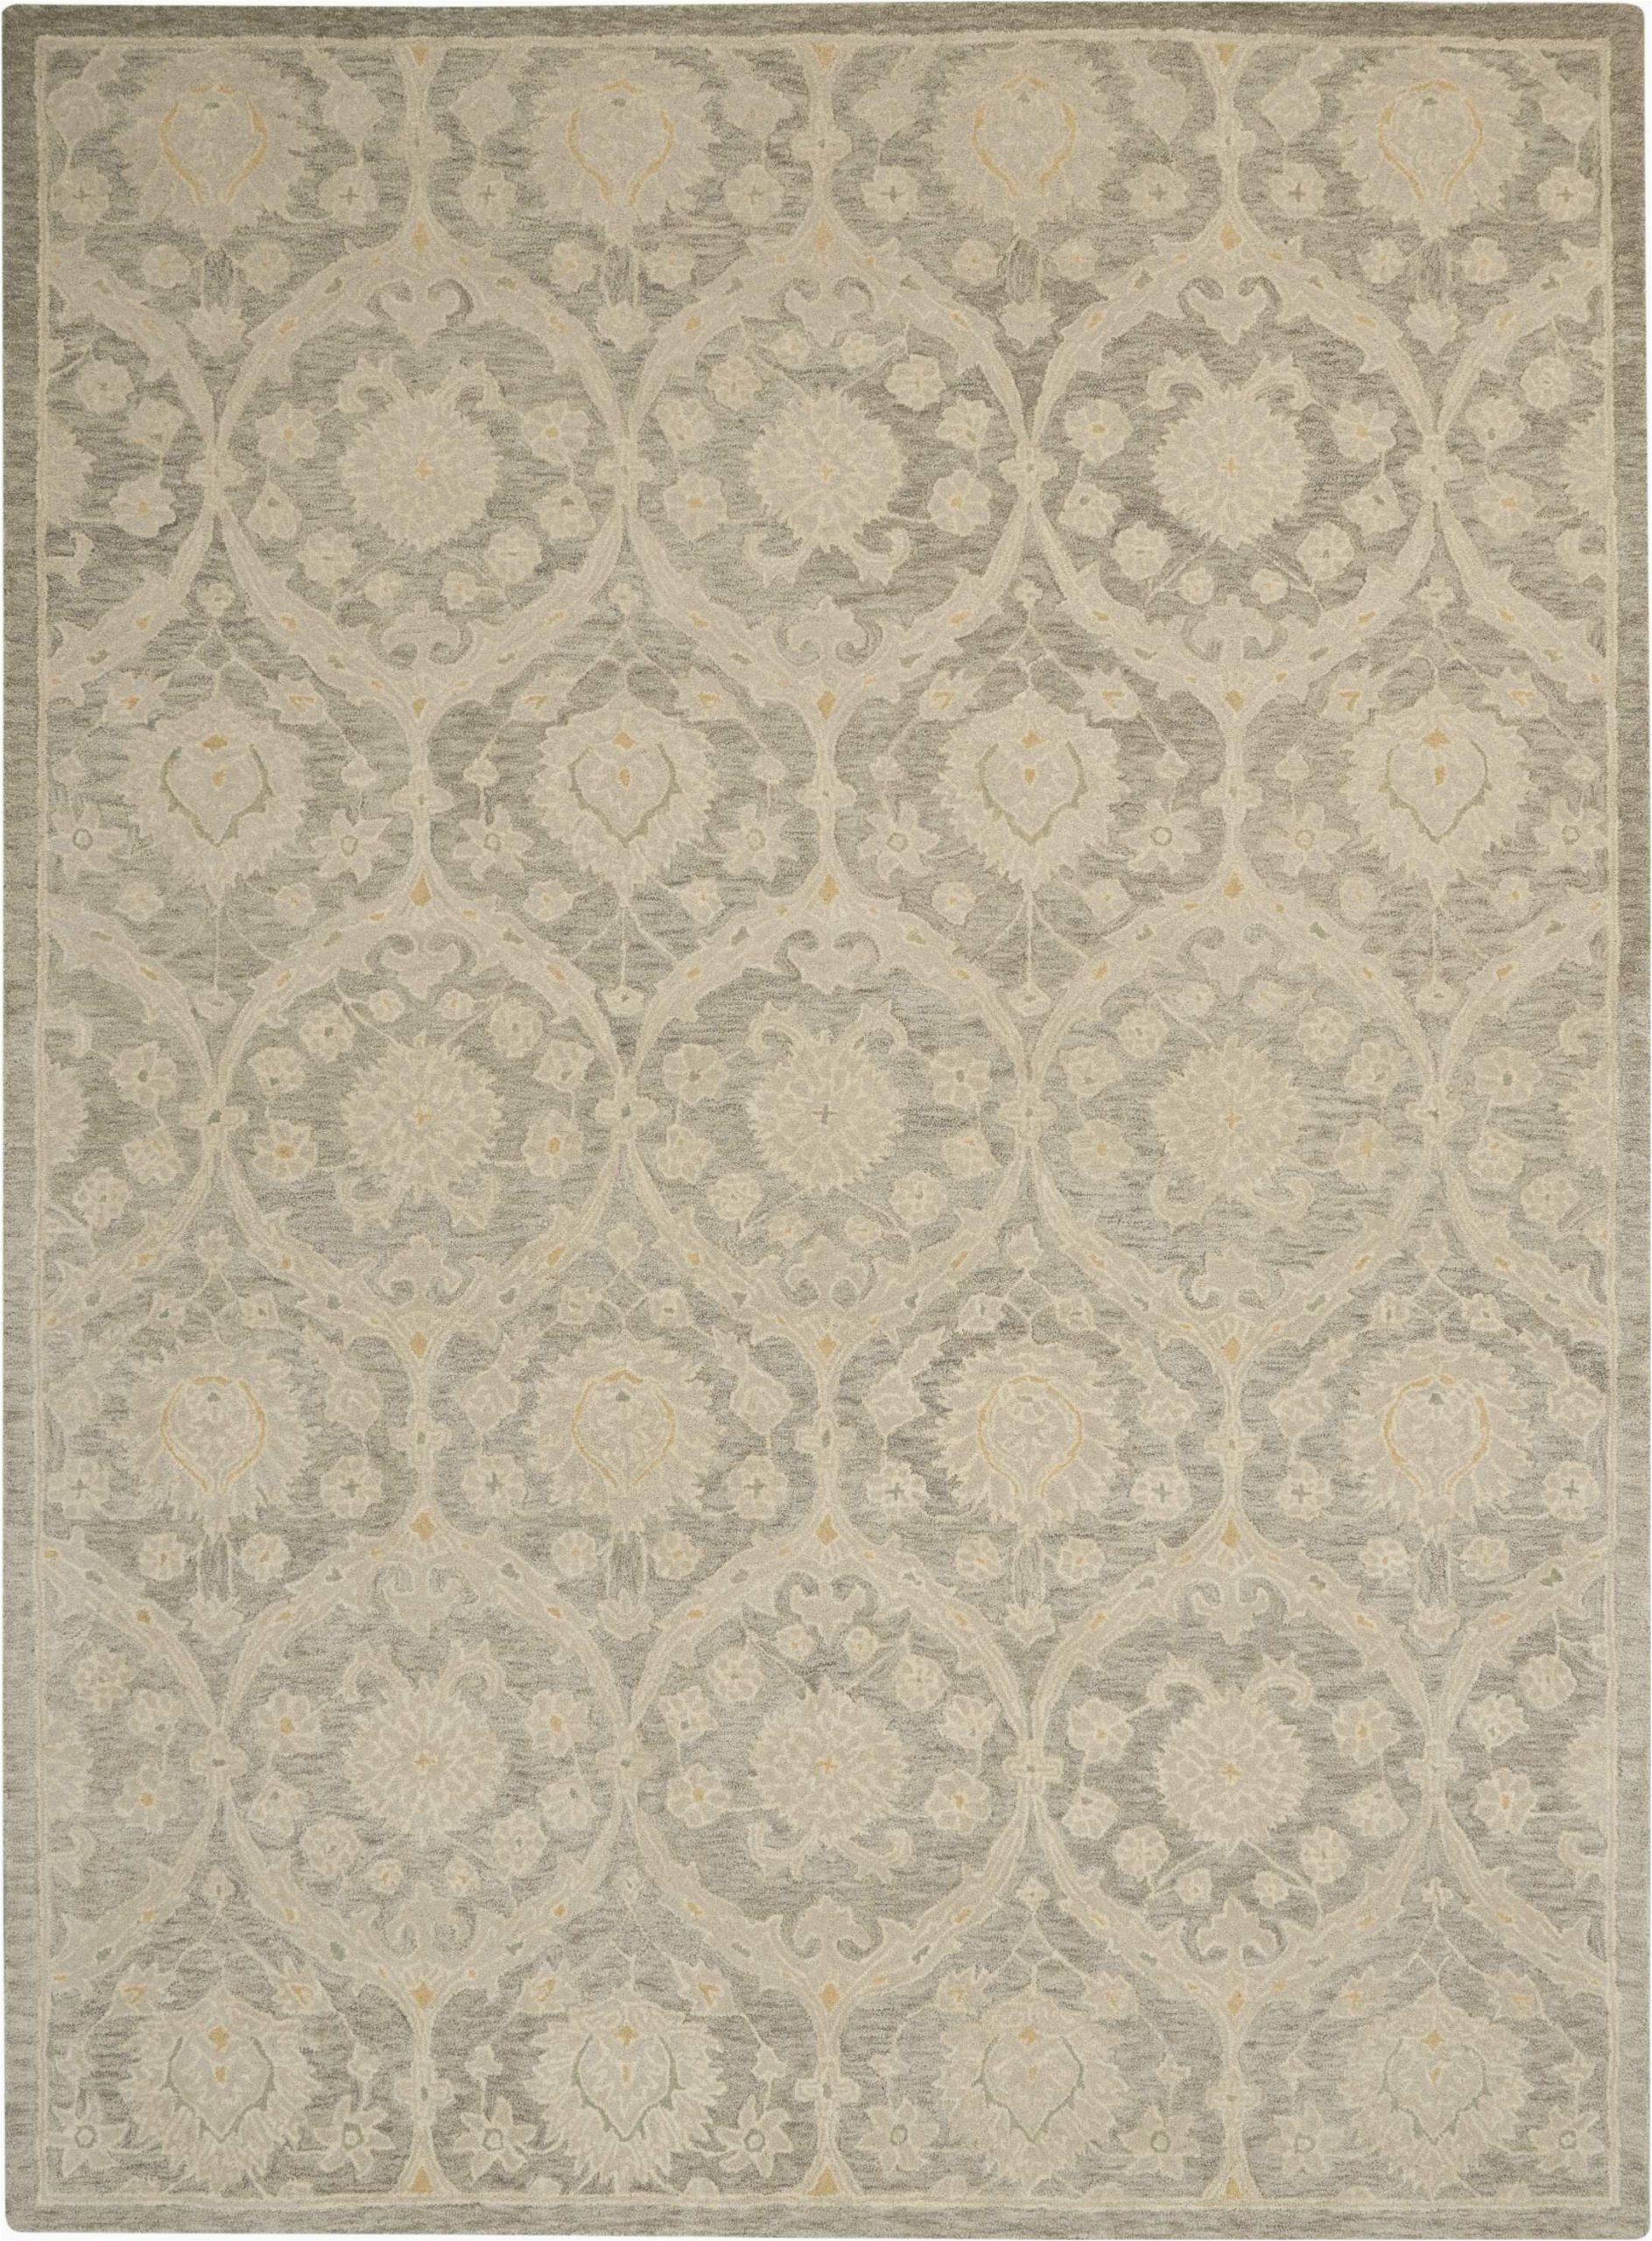 bade hand tufted wool beigegray area rug